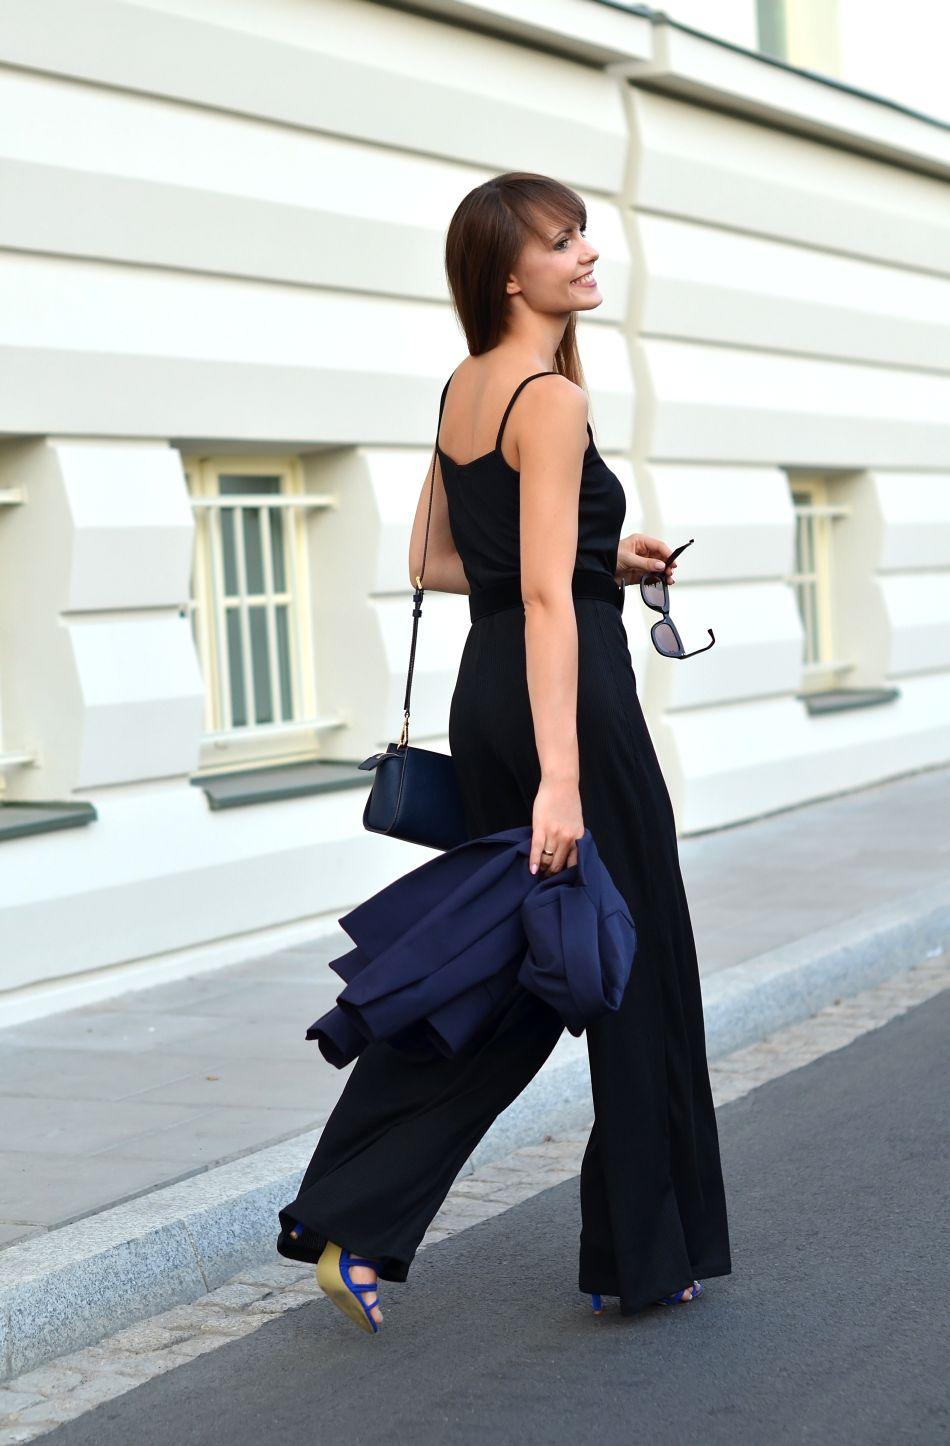 kombinezon czarny hm | blog o modzie | sposoby na dobry dzień | kamila leciak | cammy